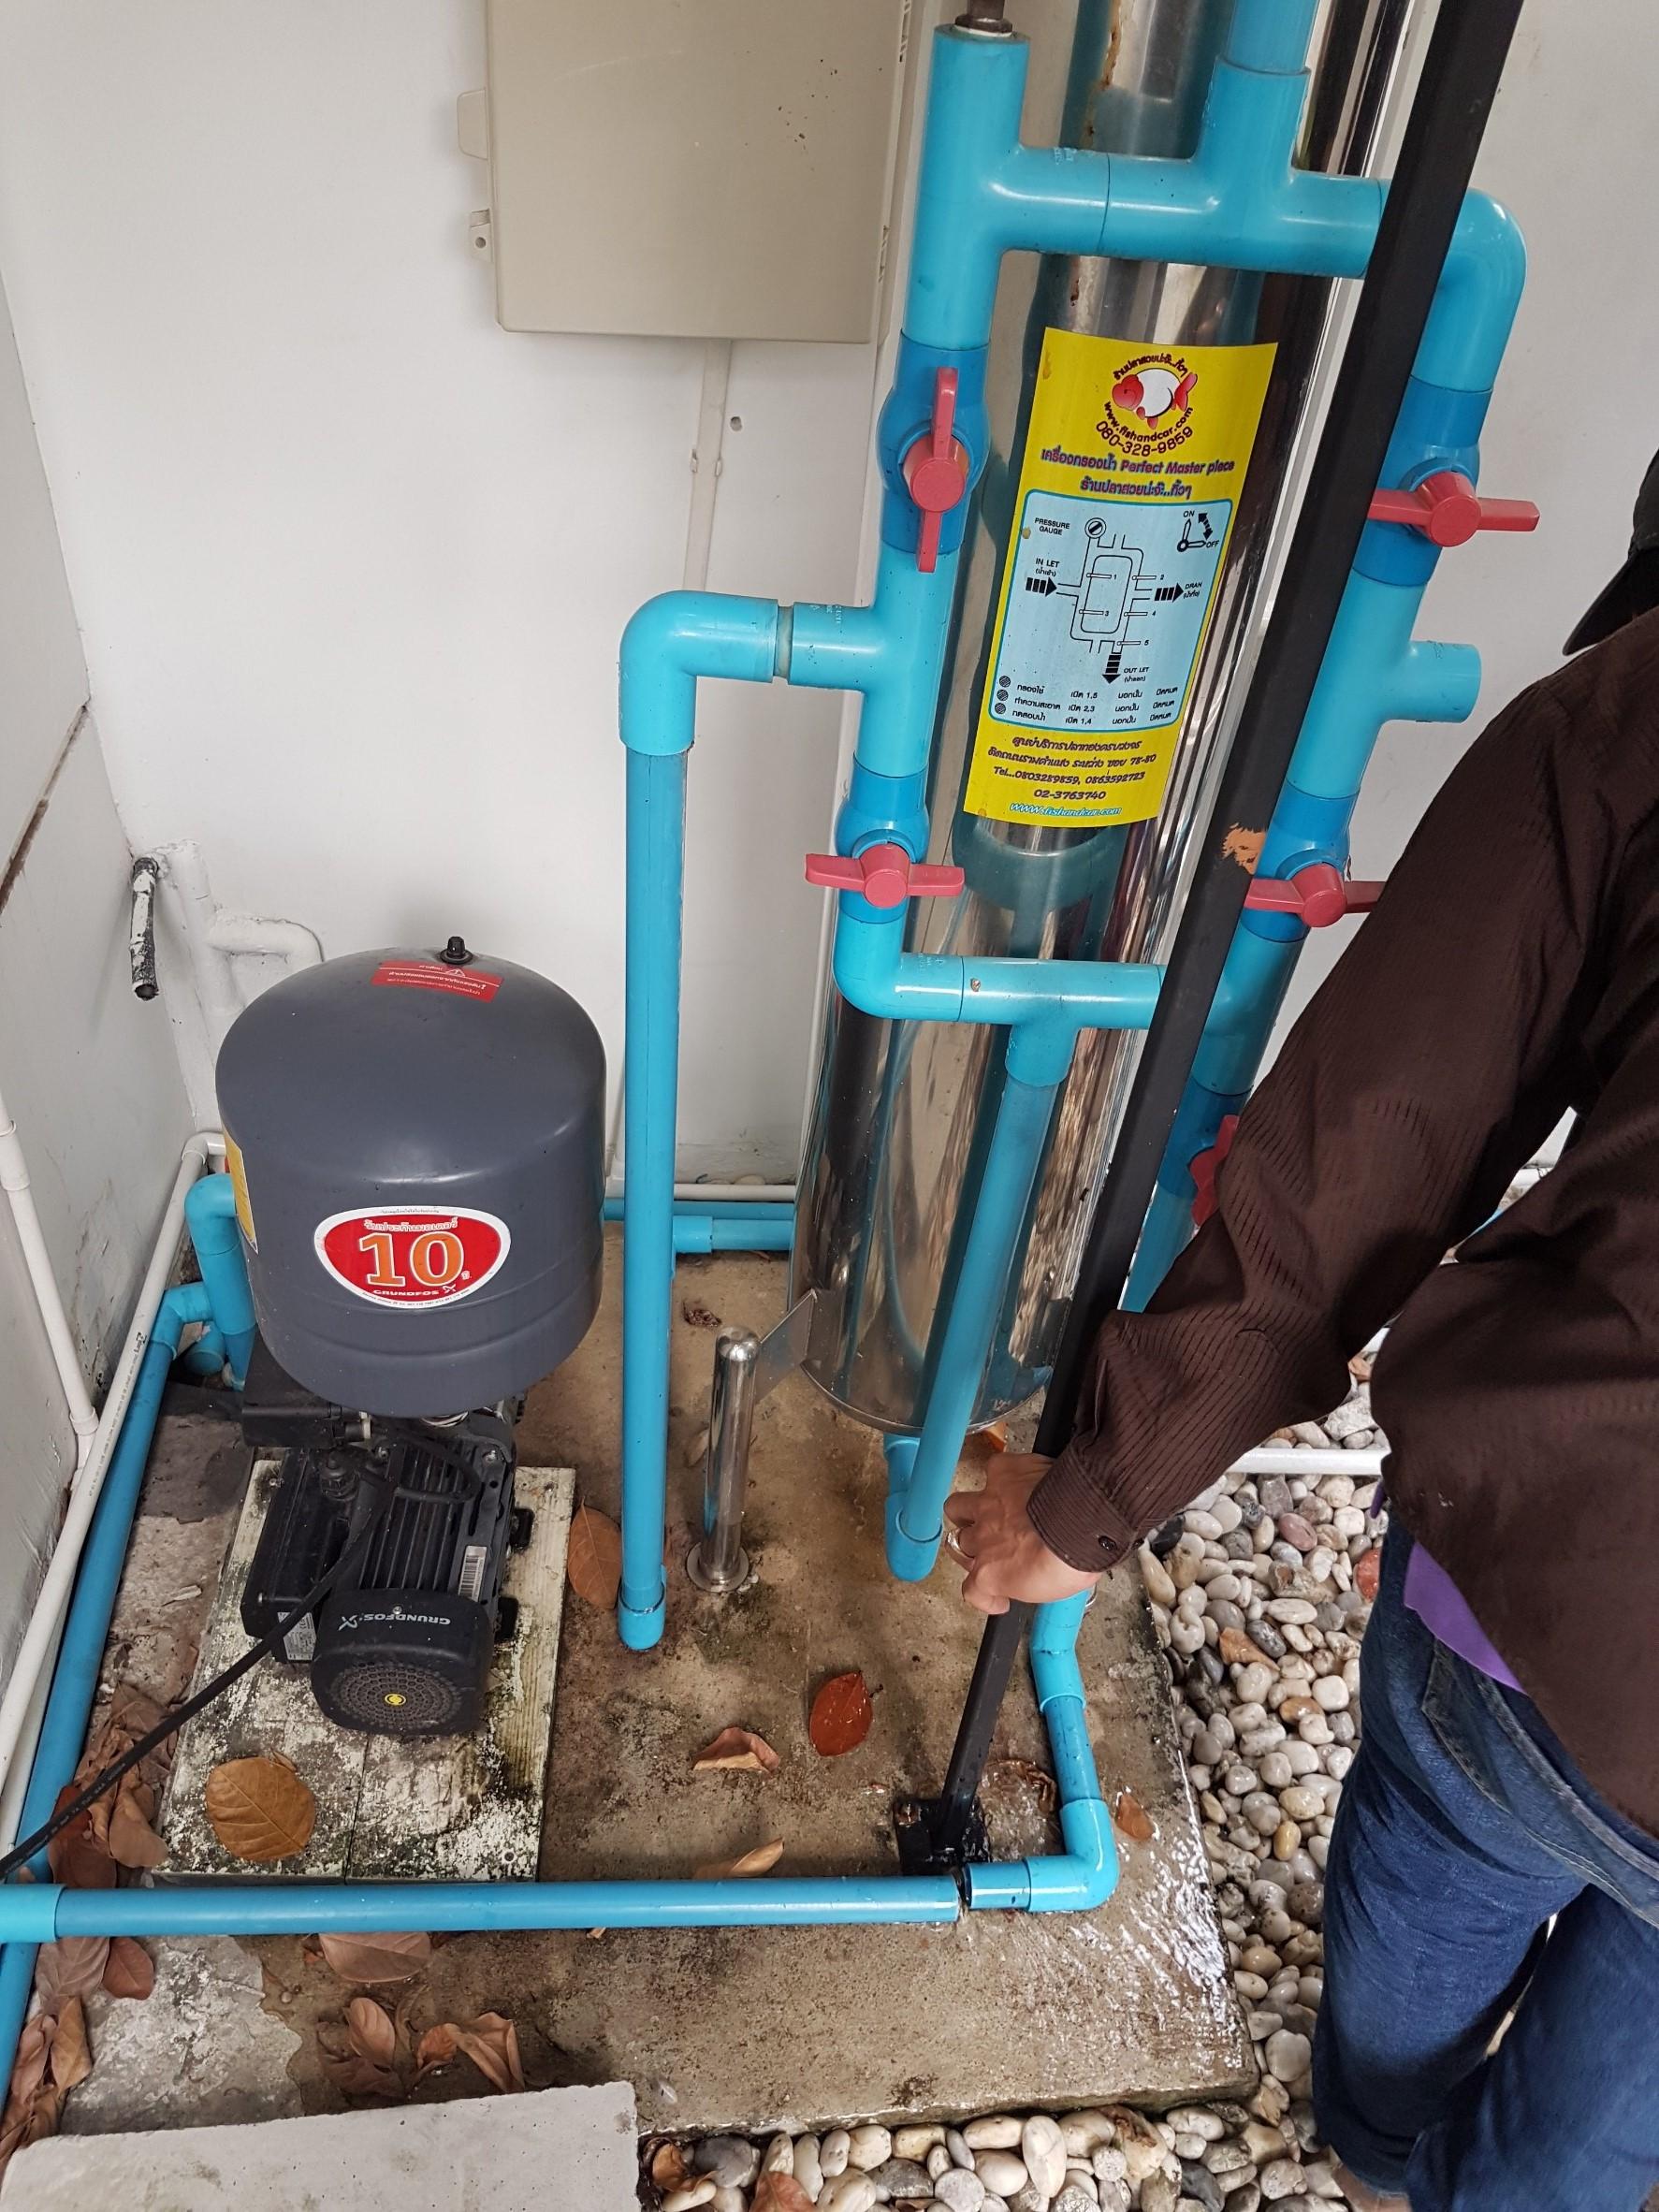 ช่างซ่อม ประปา ไฟฟ้า ปั้มน้ำ หลักสี่ ด่วน 0882750965 id line: @ckj5753k